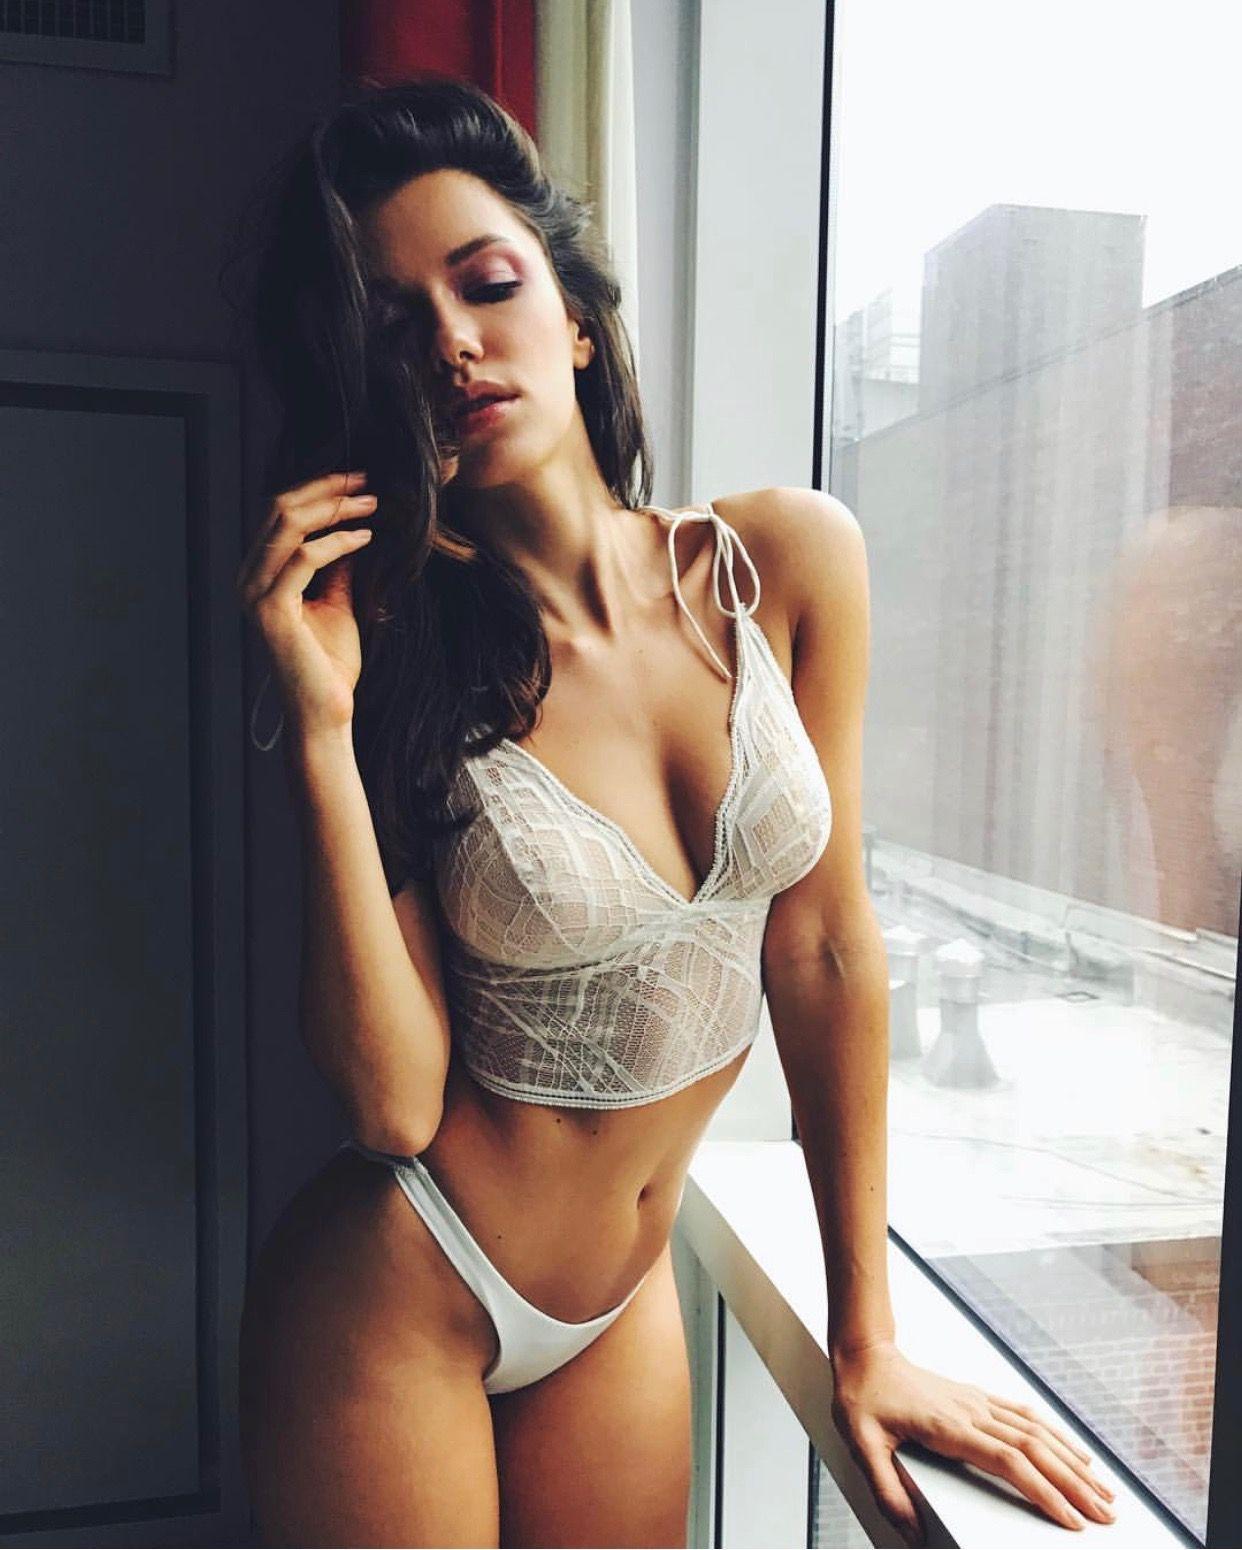 Bikini Ashleigh Coffin naked (28 photo), Sexy, Paparazzi, Feet, swimsuit 2020